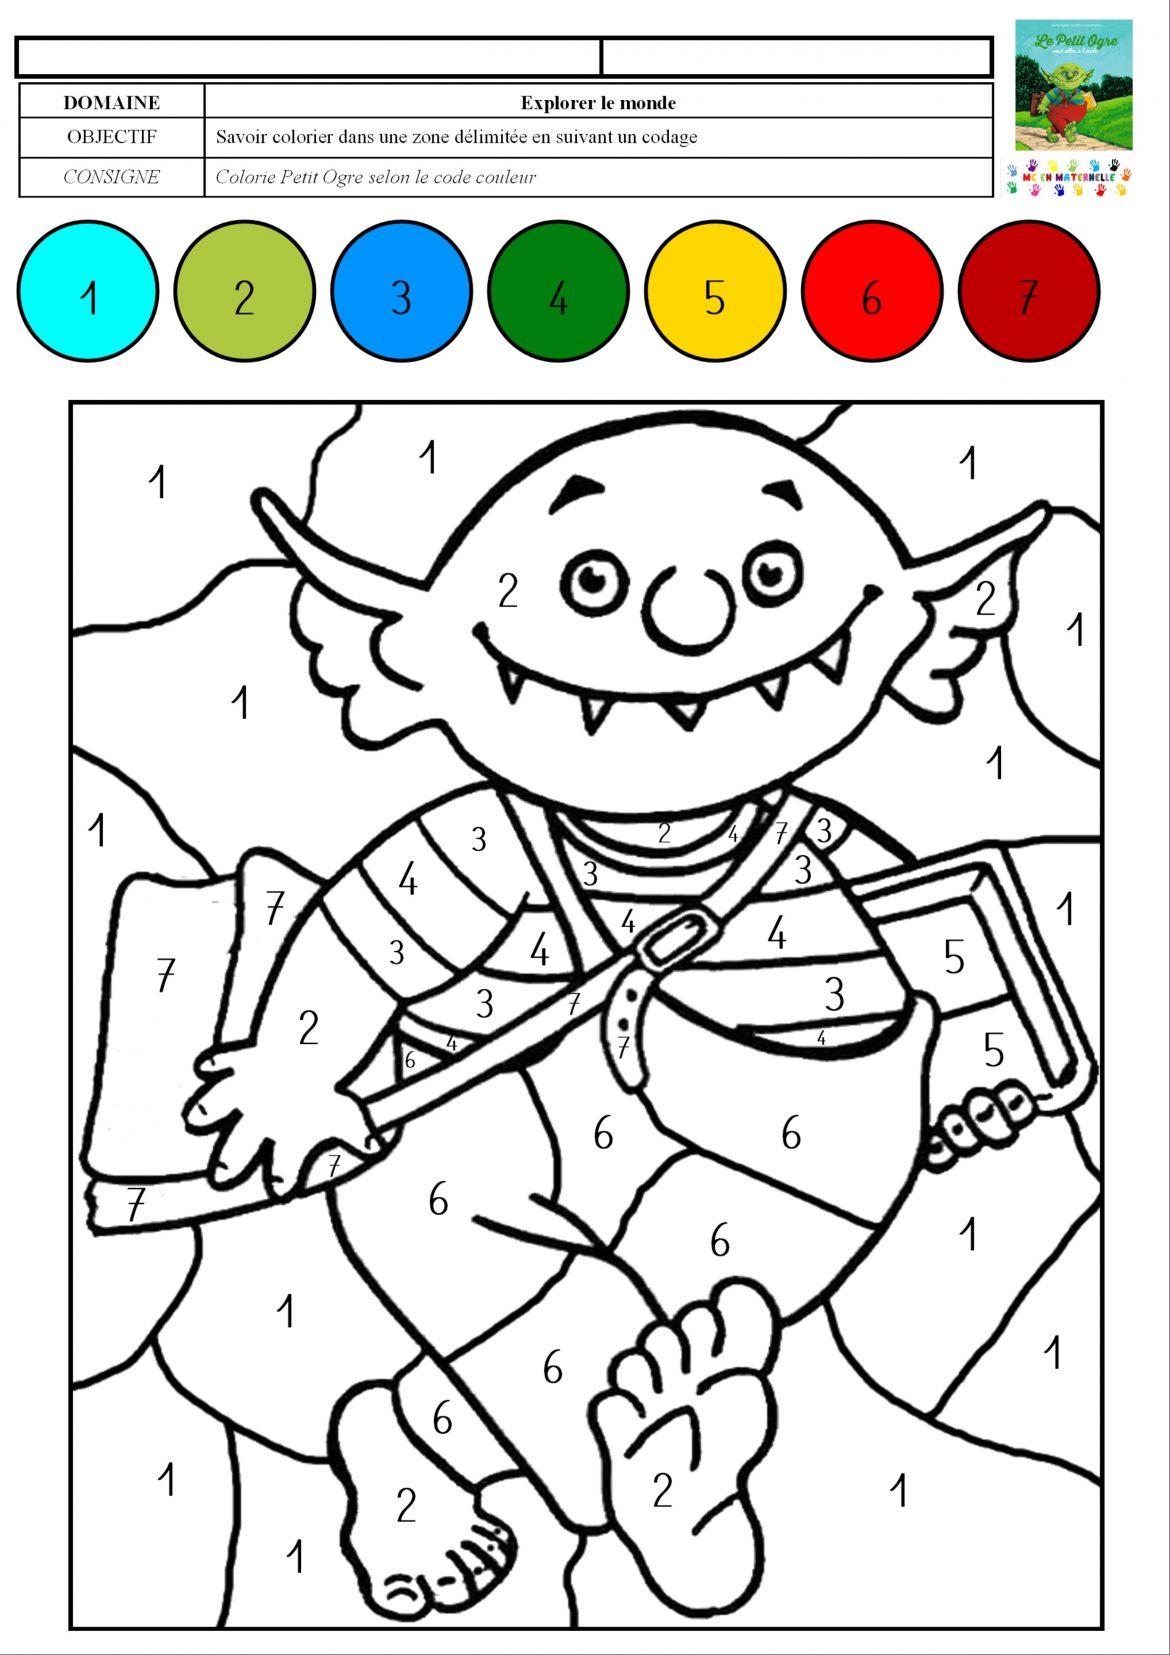 Coloriage magique mc en maternelle - Coloriage magique maternelle ms ...